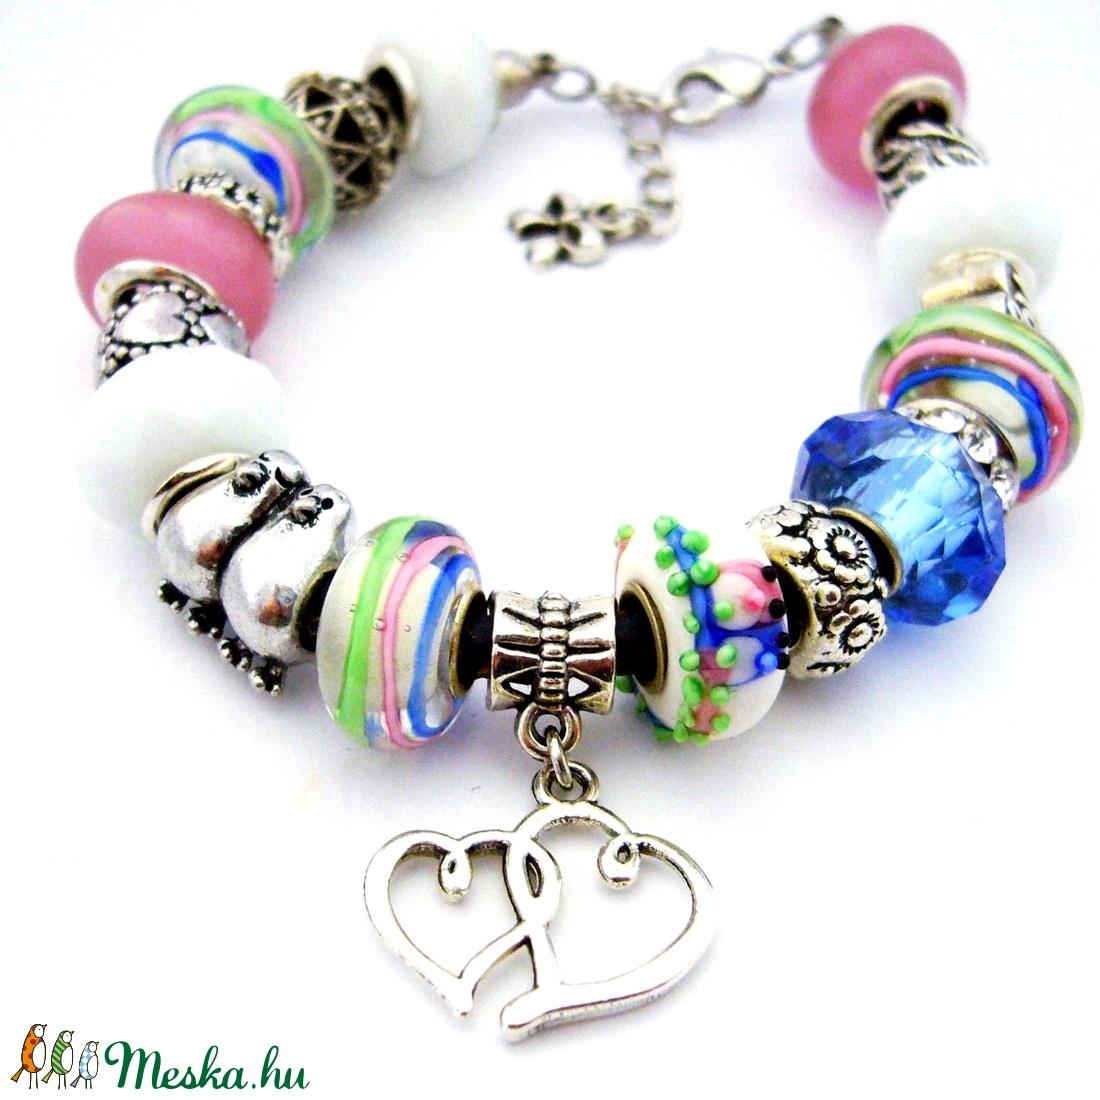 0c0f1f751 Tubicám! - fehér, rózsaszín és kék romantikus charm karkötő pandora  stílusban galambpárral (ButterflyJew) - Meska.hu